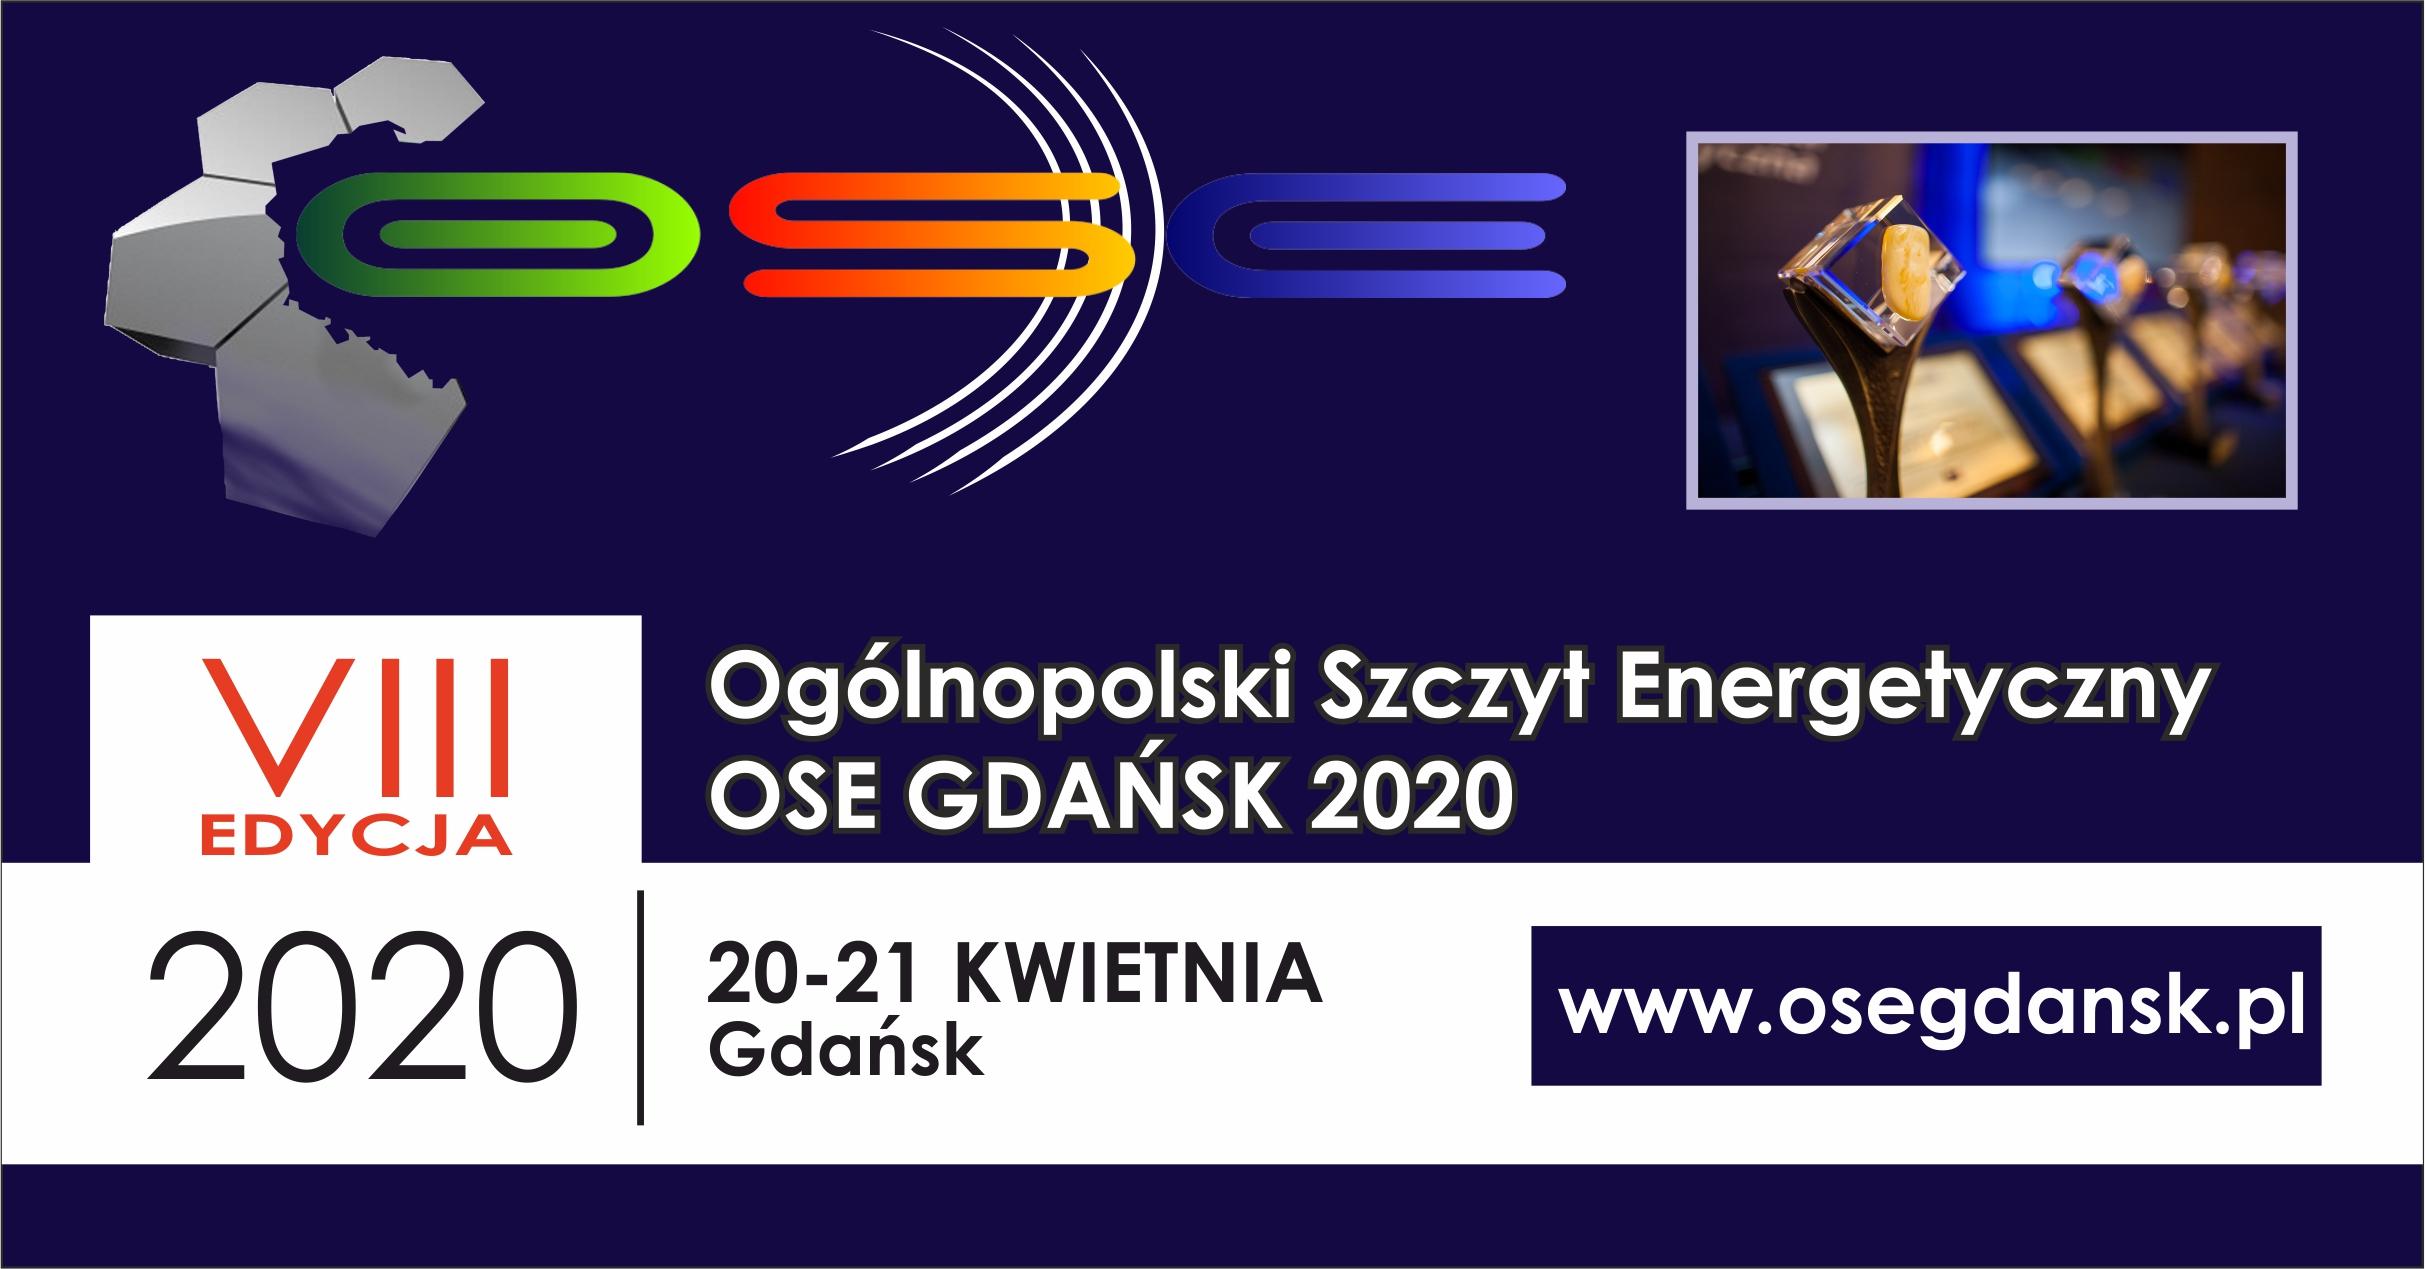 OSE Gdańsk 2020